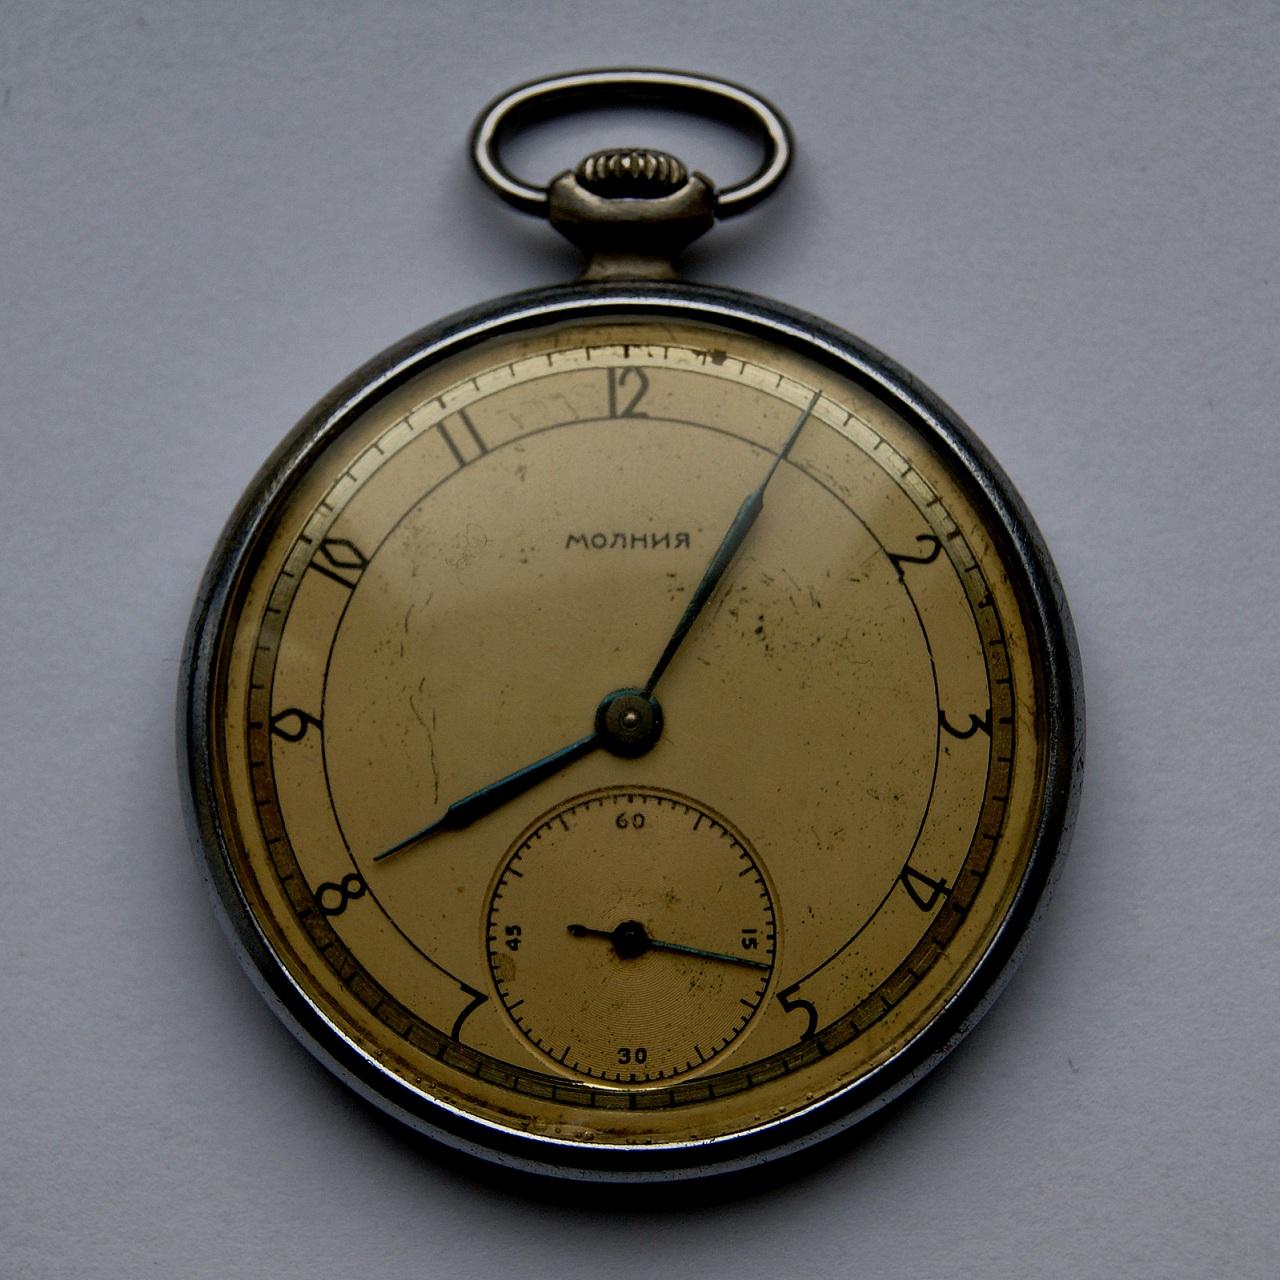 datuje się na kieszonkowy zegarek kieszonkowy różnice w randkach brytyjsko-amerykańskich